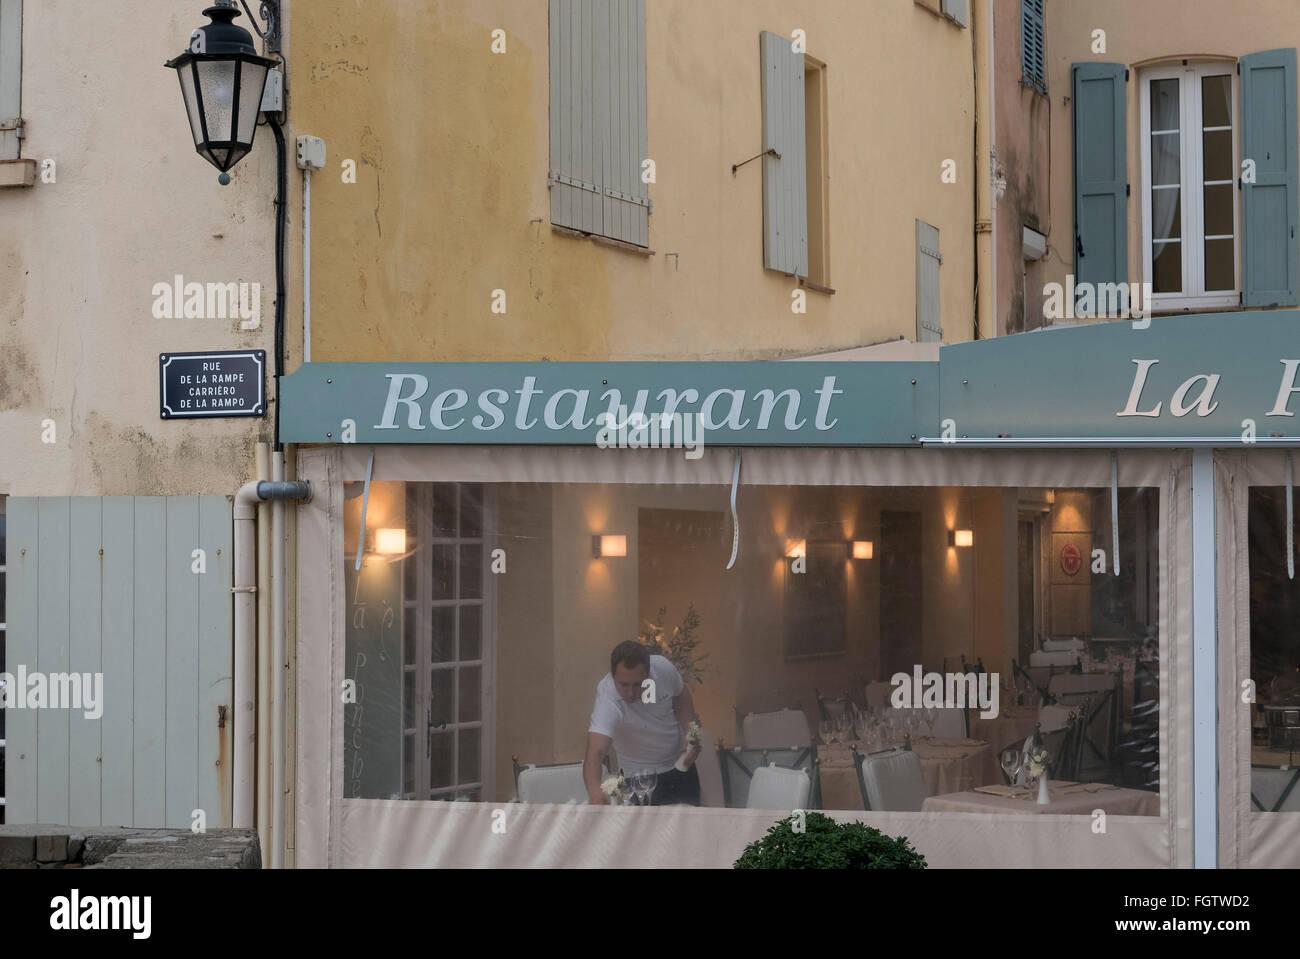 Altstadt von Saint-Tropez, Dep. Var, Côte d'Azur, Frankreich   old town, Saint-Tropez, Dep. Var, Côte d'Azur, France Stock Photo